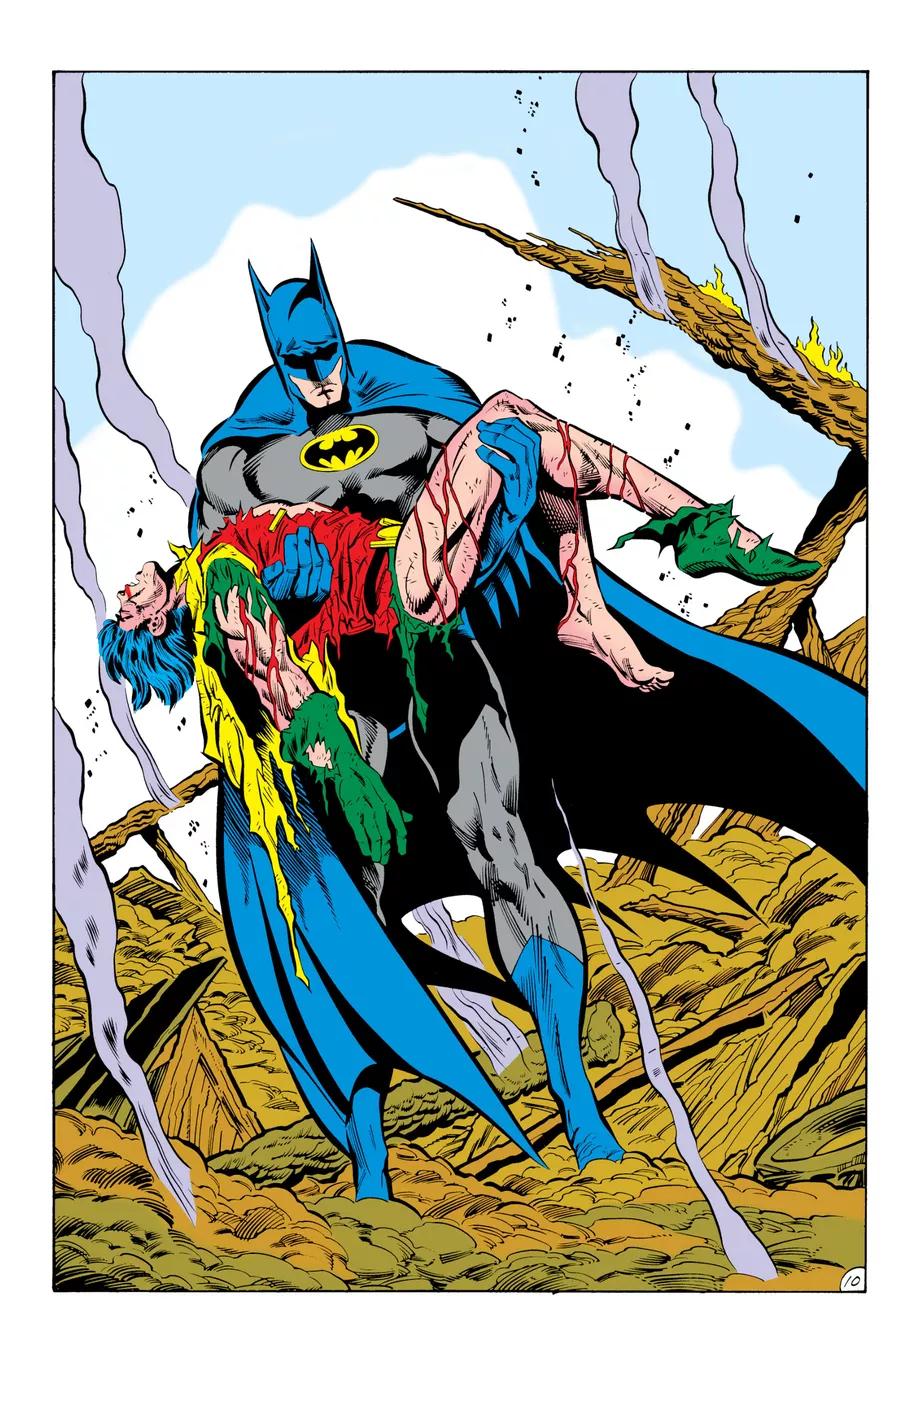 DC показала альтернативные кадры комикса «Бэтмен: Смерть в семье» — здесь Робин выжил 4